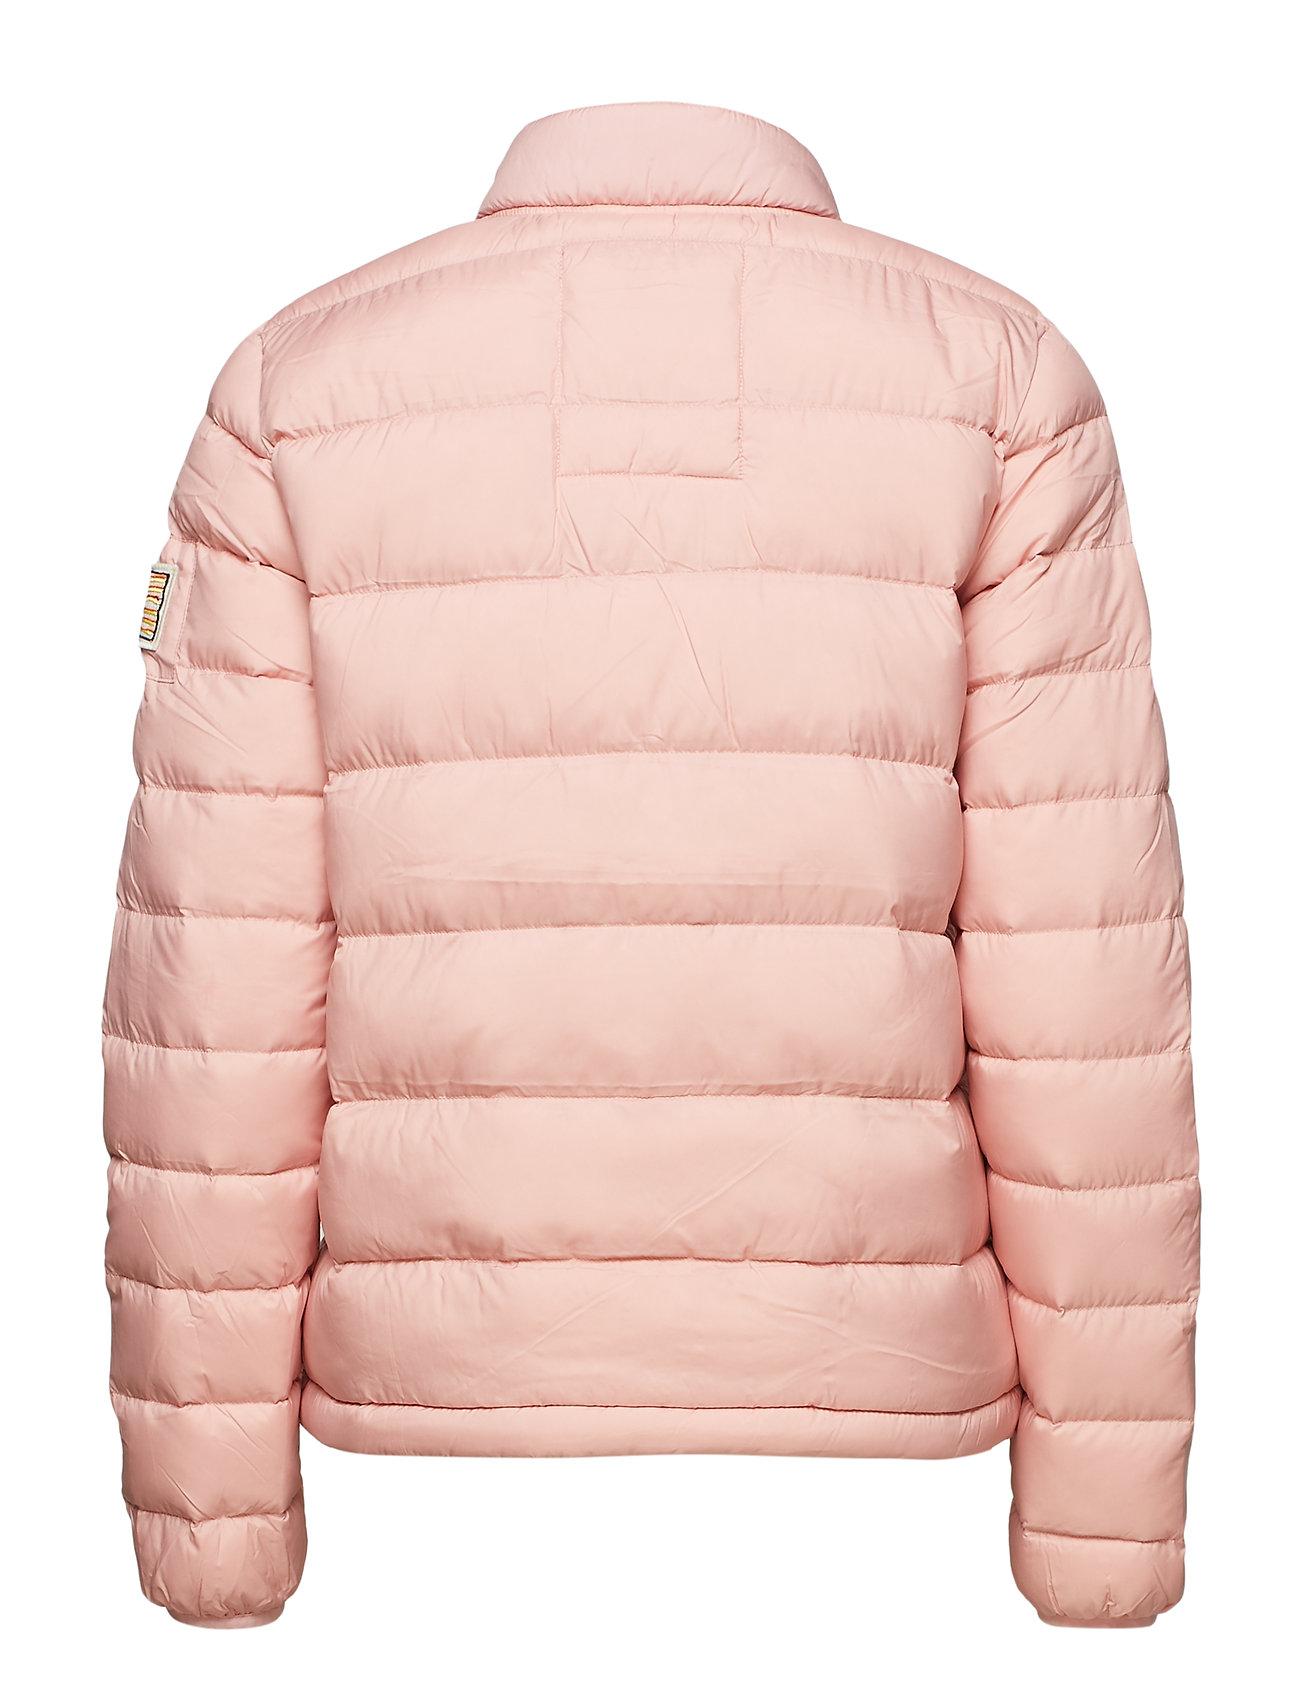 9ac99dd2 Svea dunjakker – Lissabon Jacket til dame i Sort - Pashion.dk